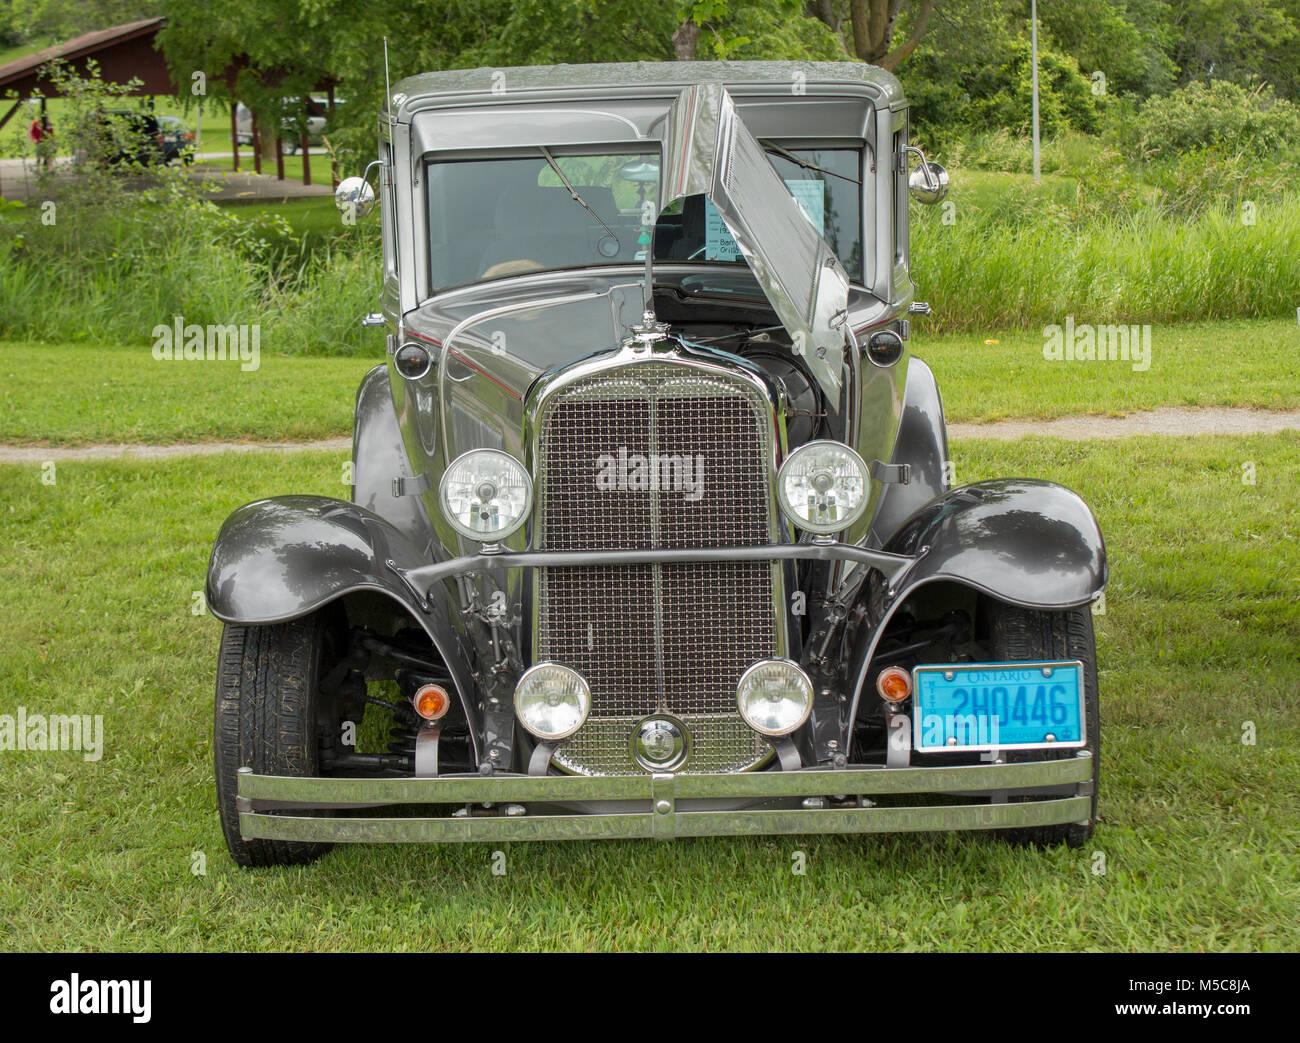 Cartier Antique Car Show